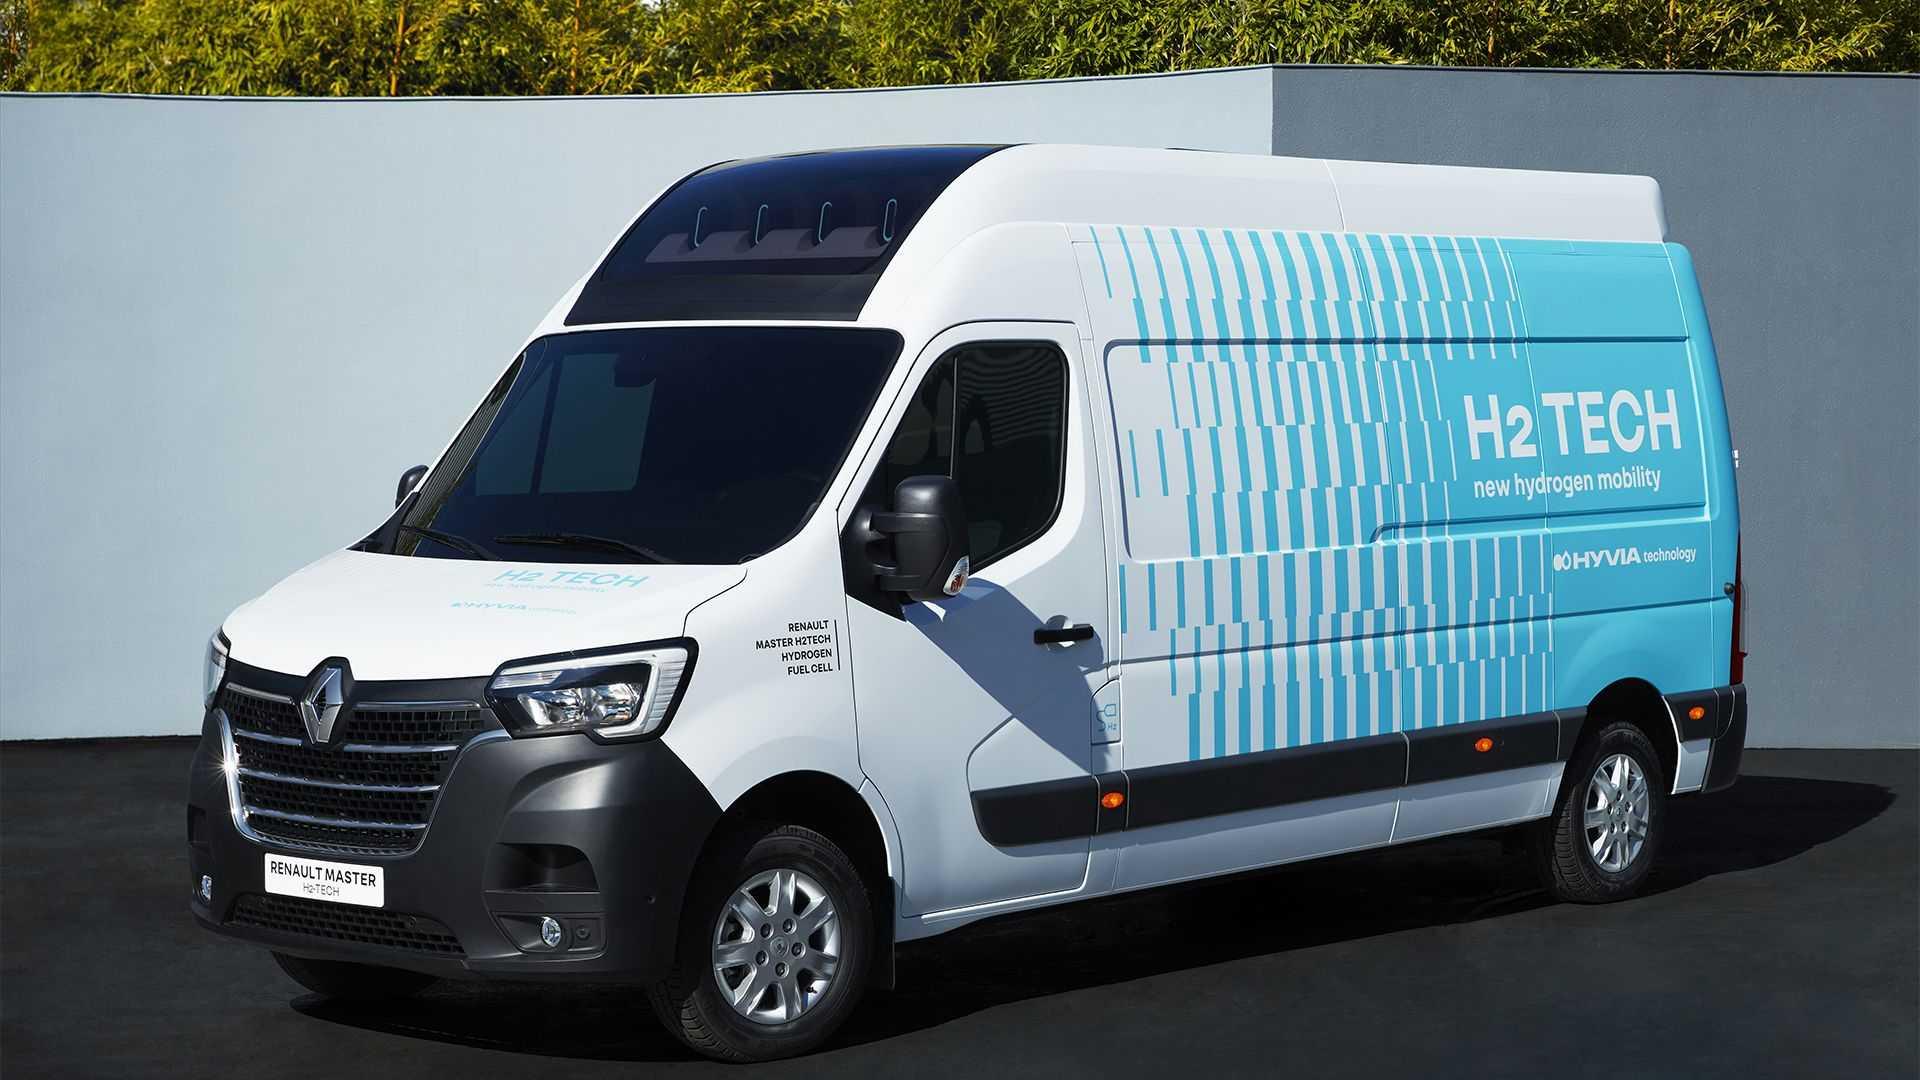 Уже в следующем году в продаже появится Renault Master на топливных ячейках. Проект создан совместным предприятием HYVIA, образованным «Рено» и Plug Power. Вместе с фургоном были представлены и водородные станции (про них в видеоролике).